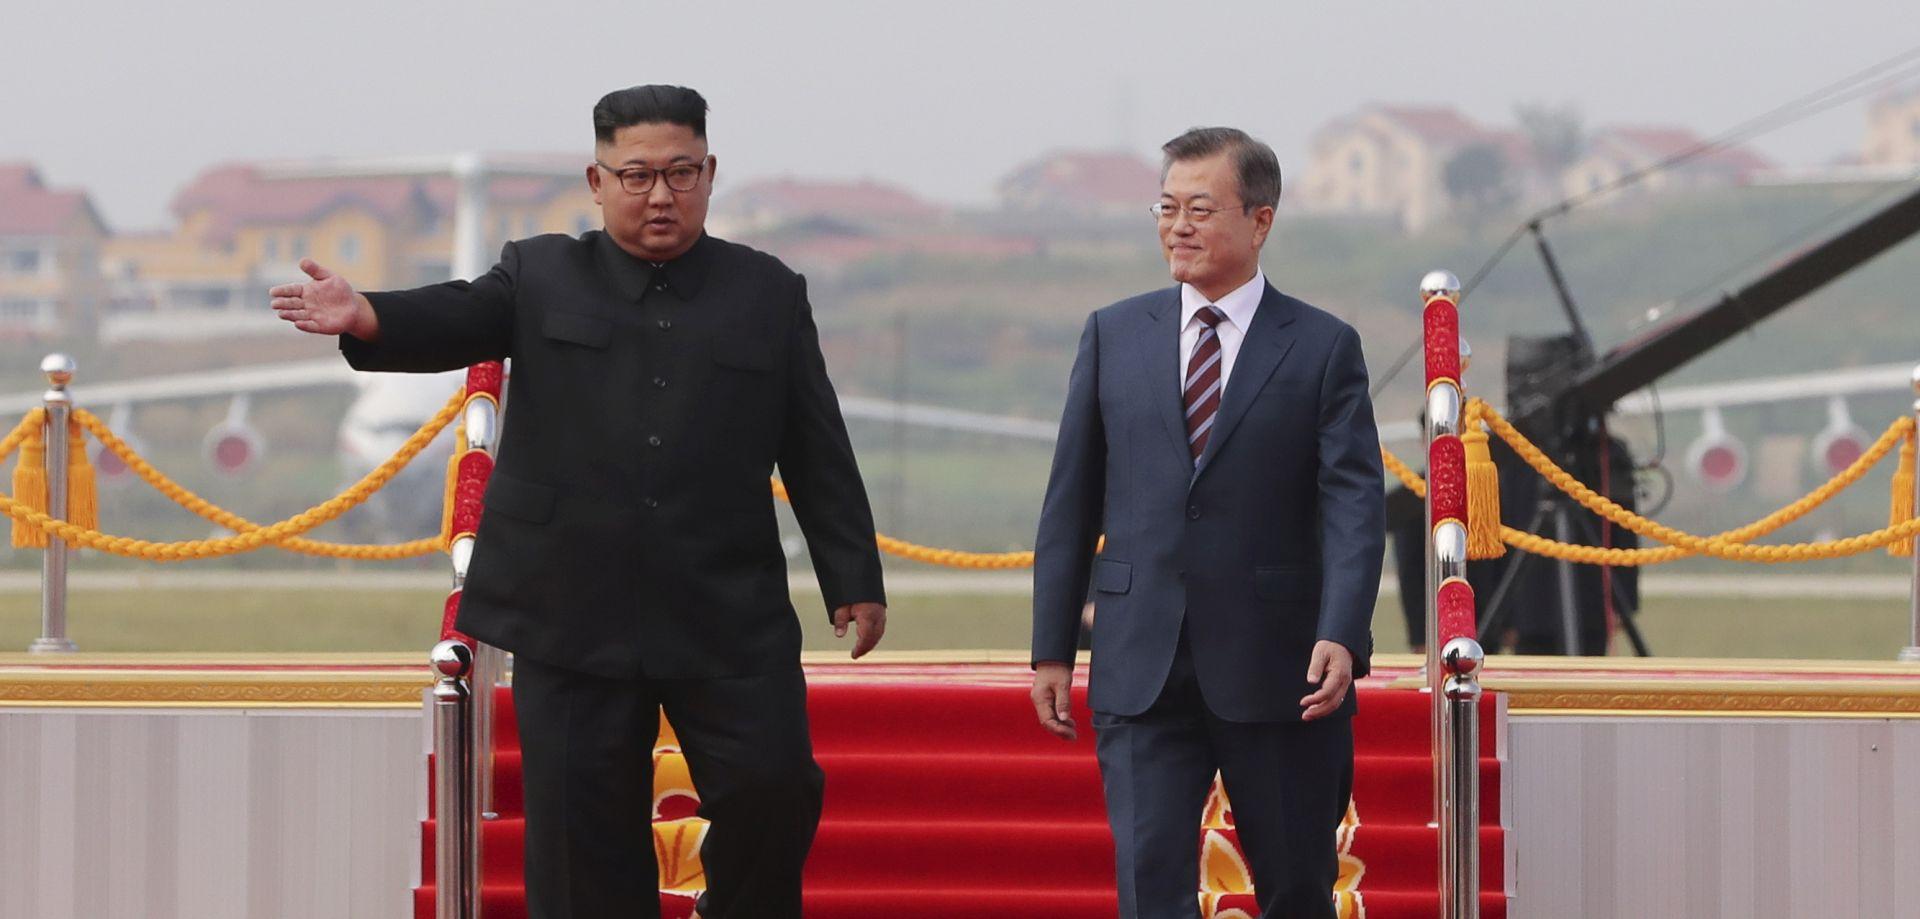 Sj. Koreja poduzet će korake ka denuklearizaciji Korejskog poluotoka